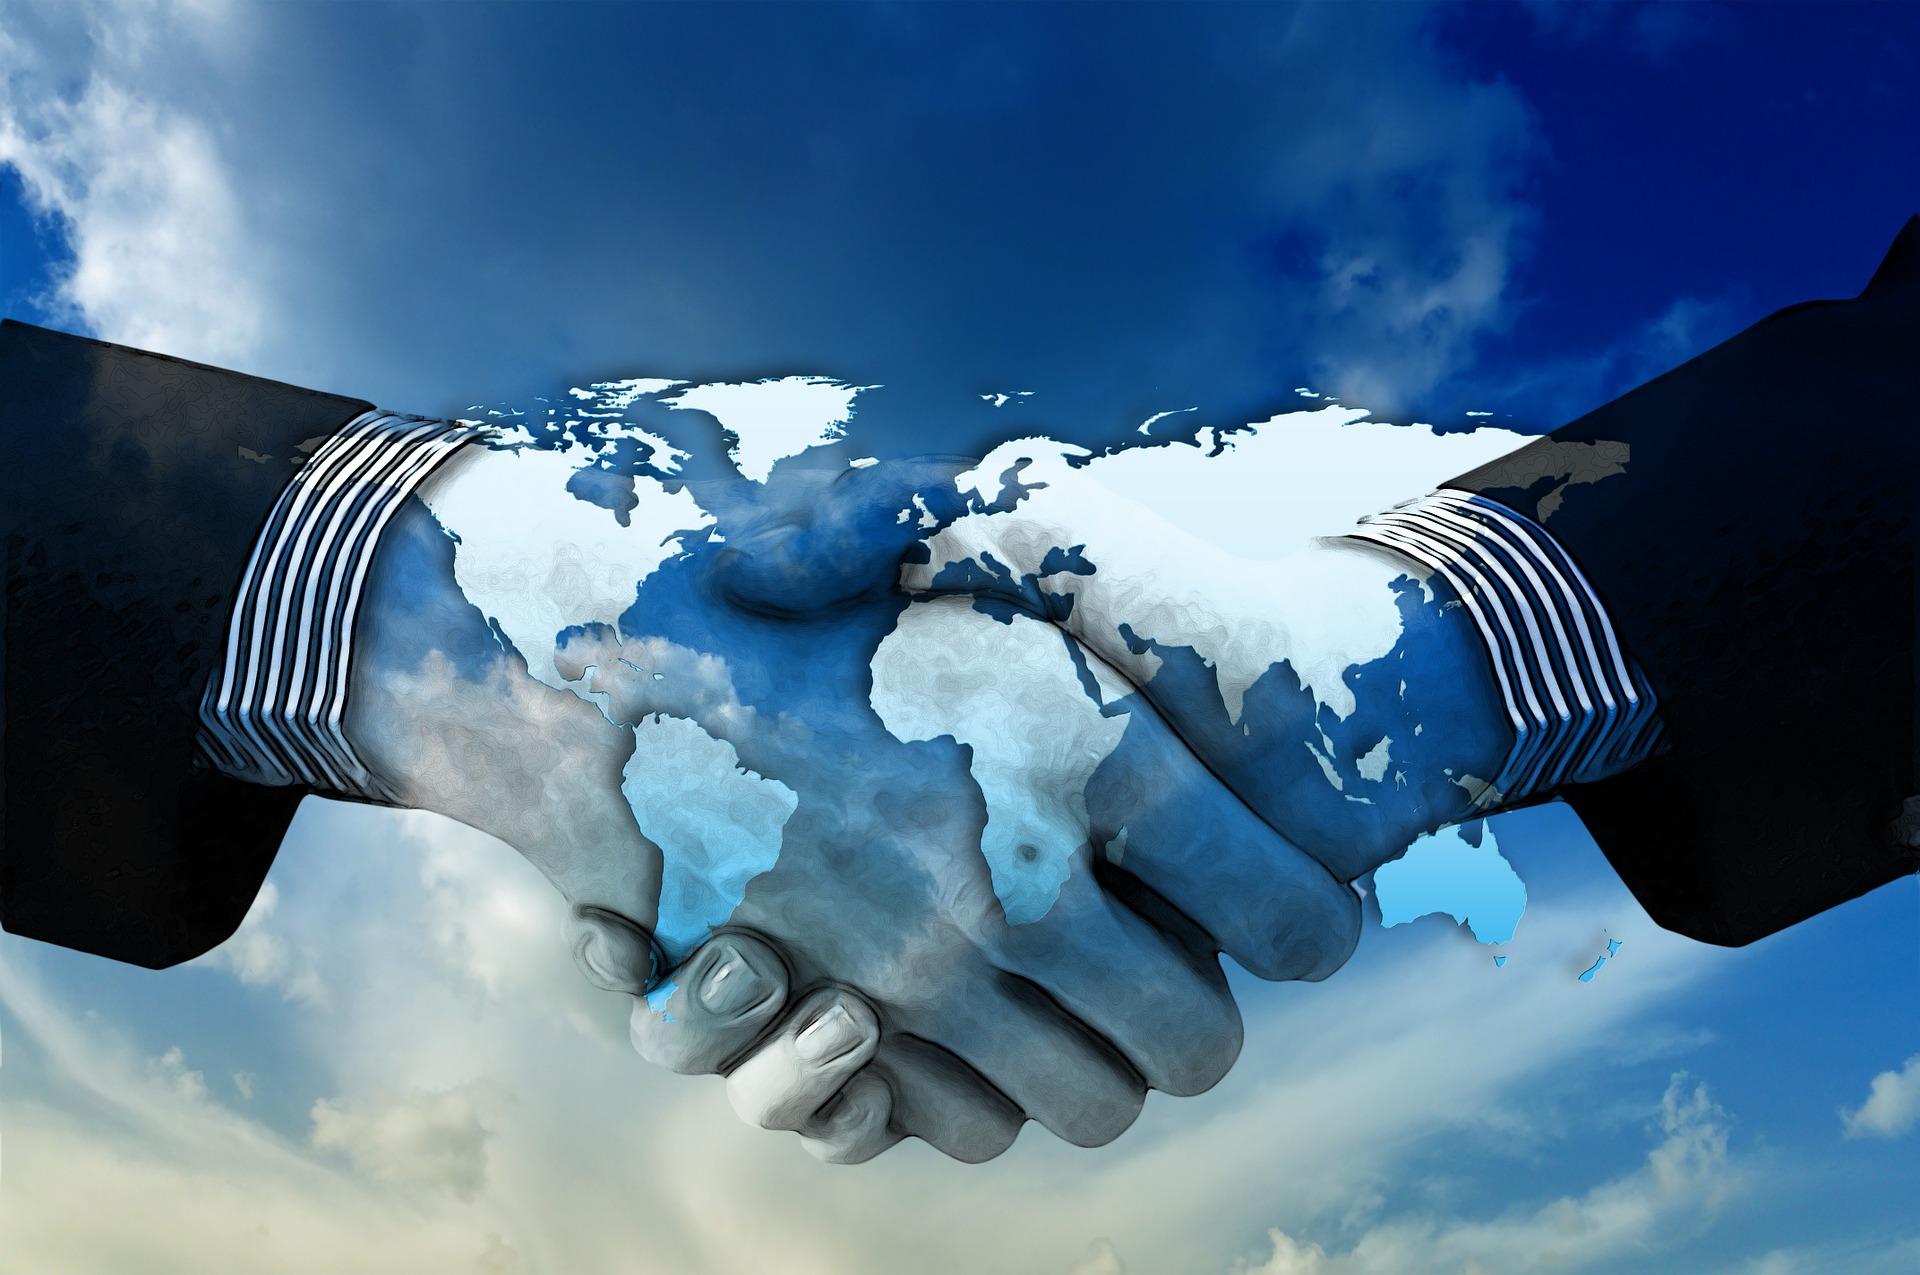 Hände schütteln, international